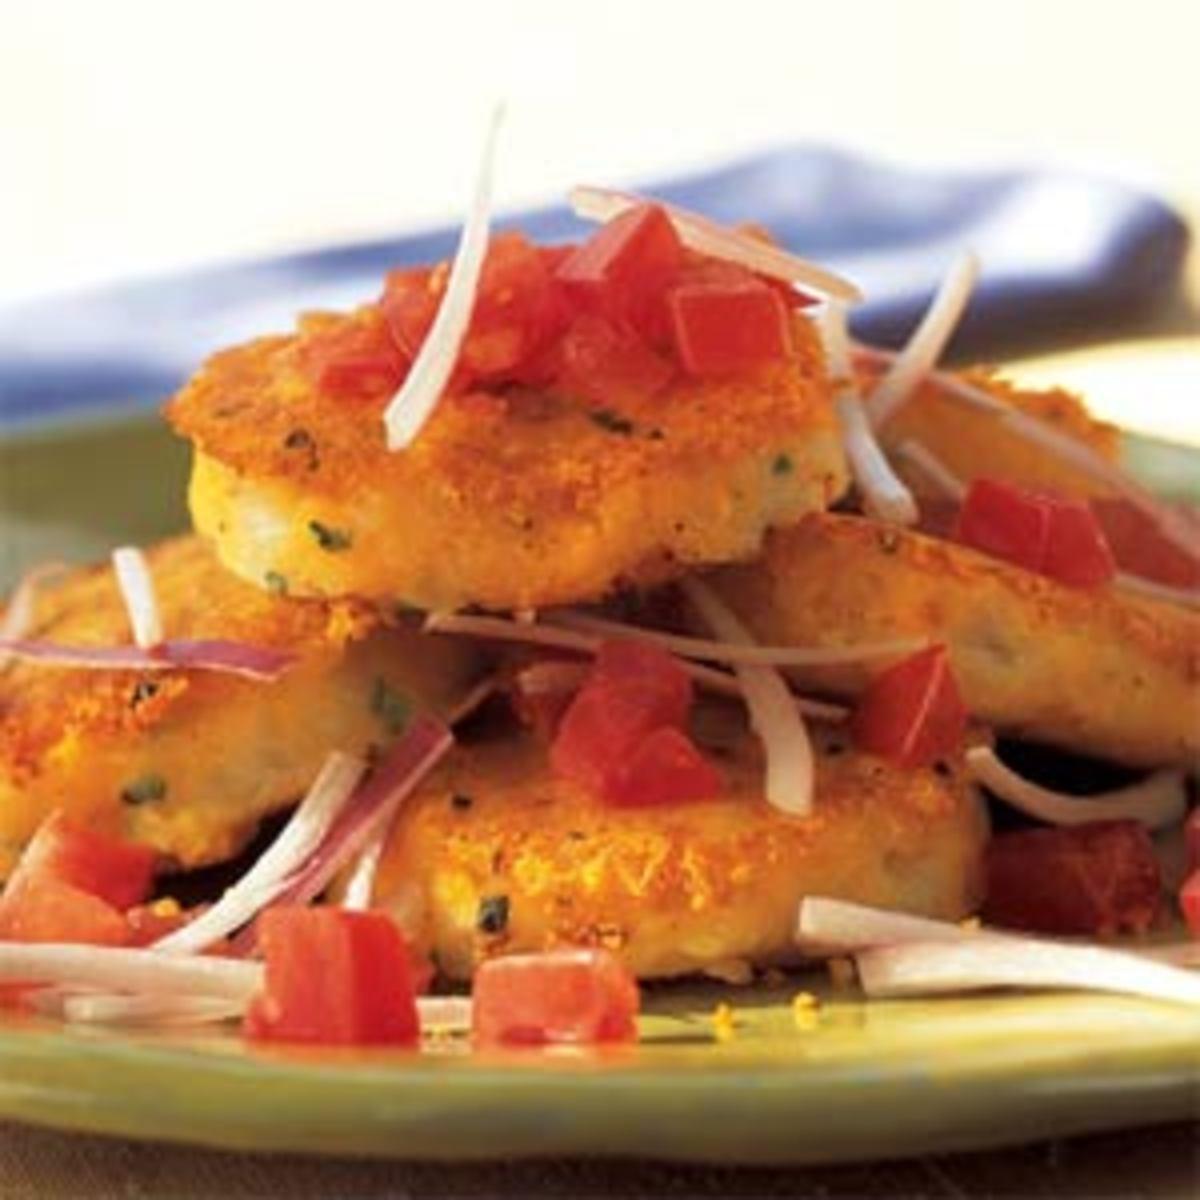 Recipe for Llapingachos (Yapingachos) - Ecuadorian Potato Cakes with Cheese